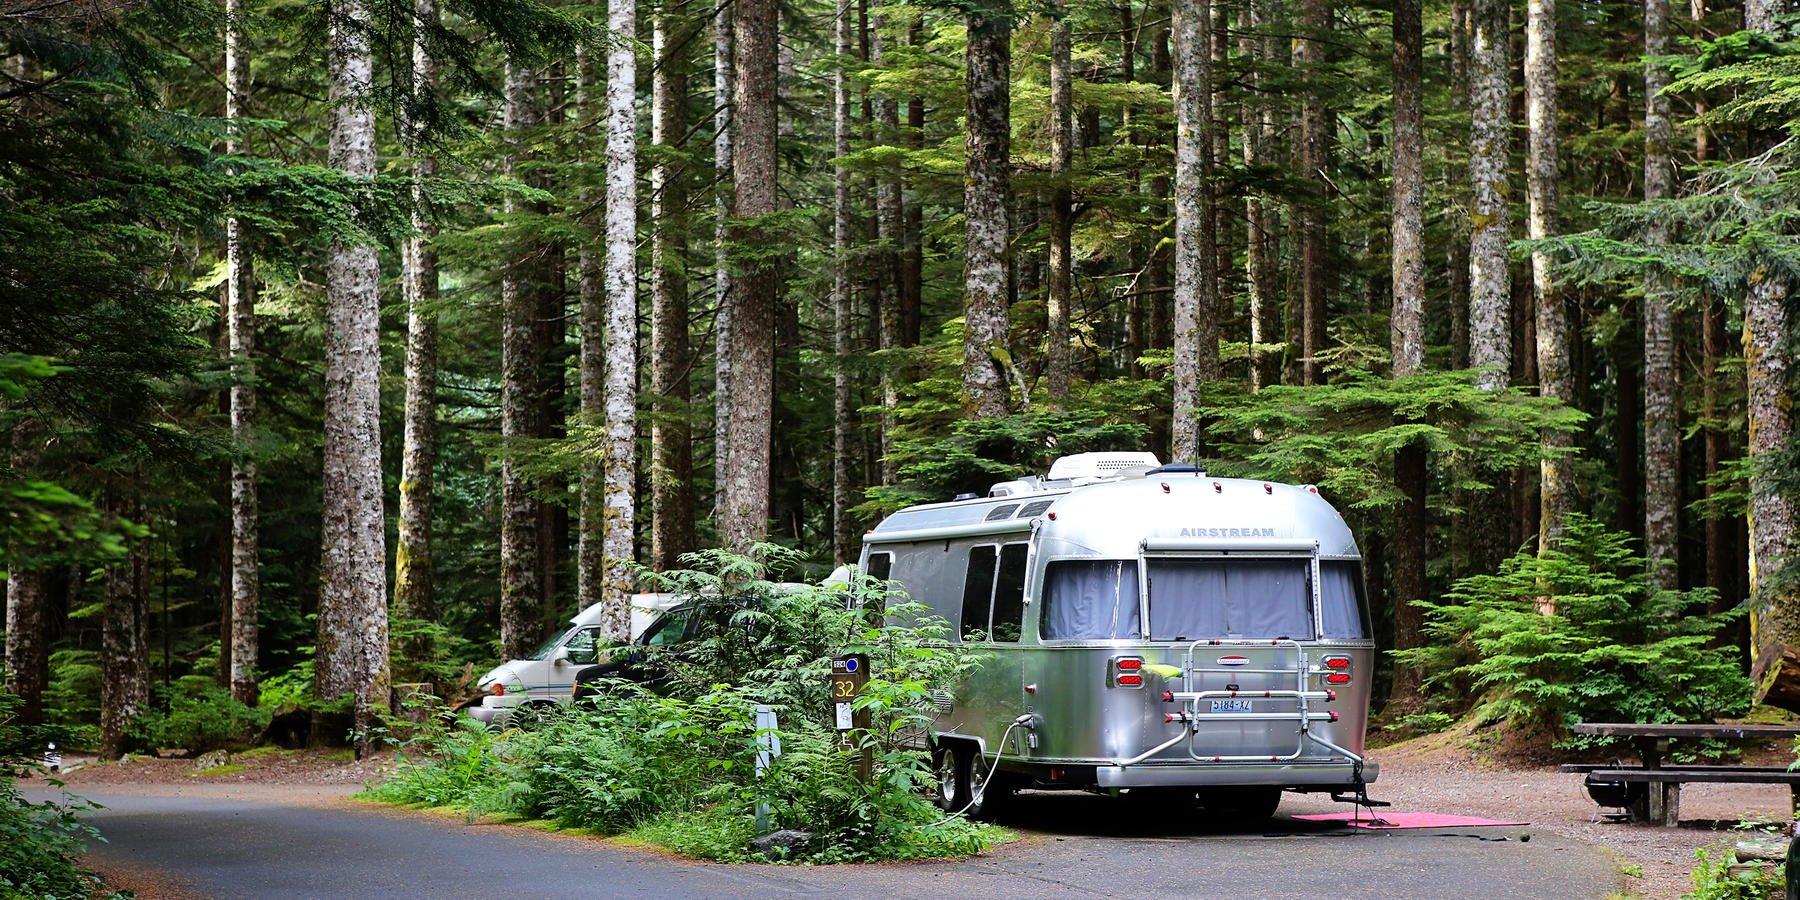 RV Rental Seattle - Go RV Rentals